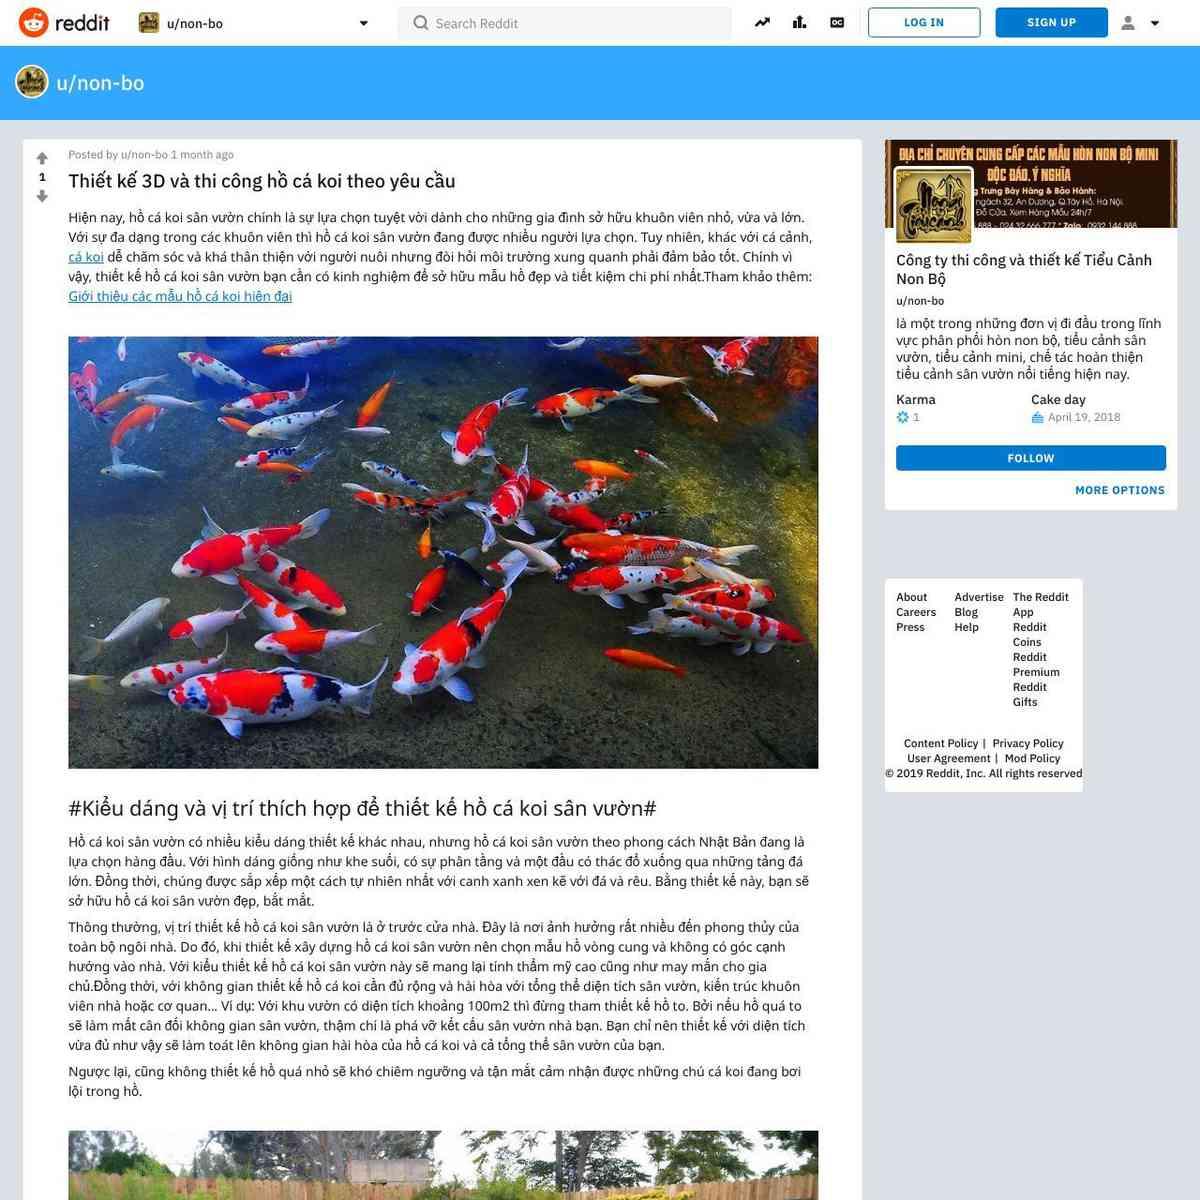 Thiết kế 3D và thi công hồ cá koi theo yêu cầu : non-bo